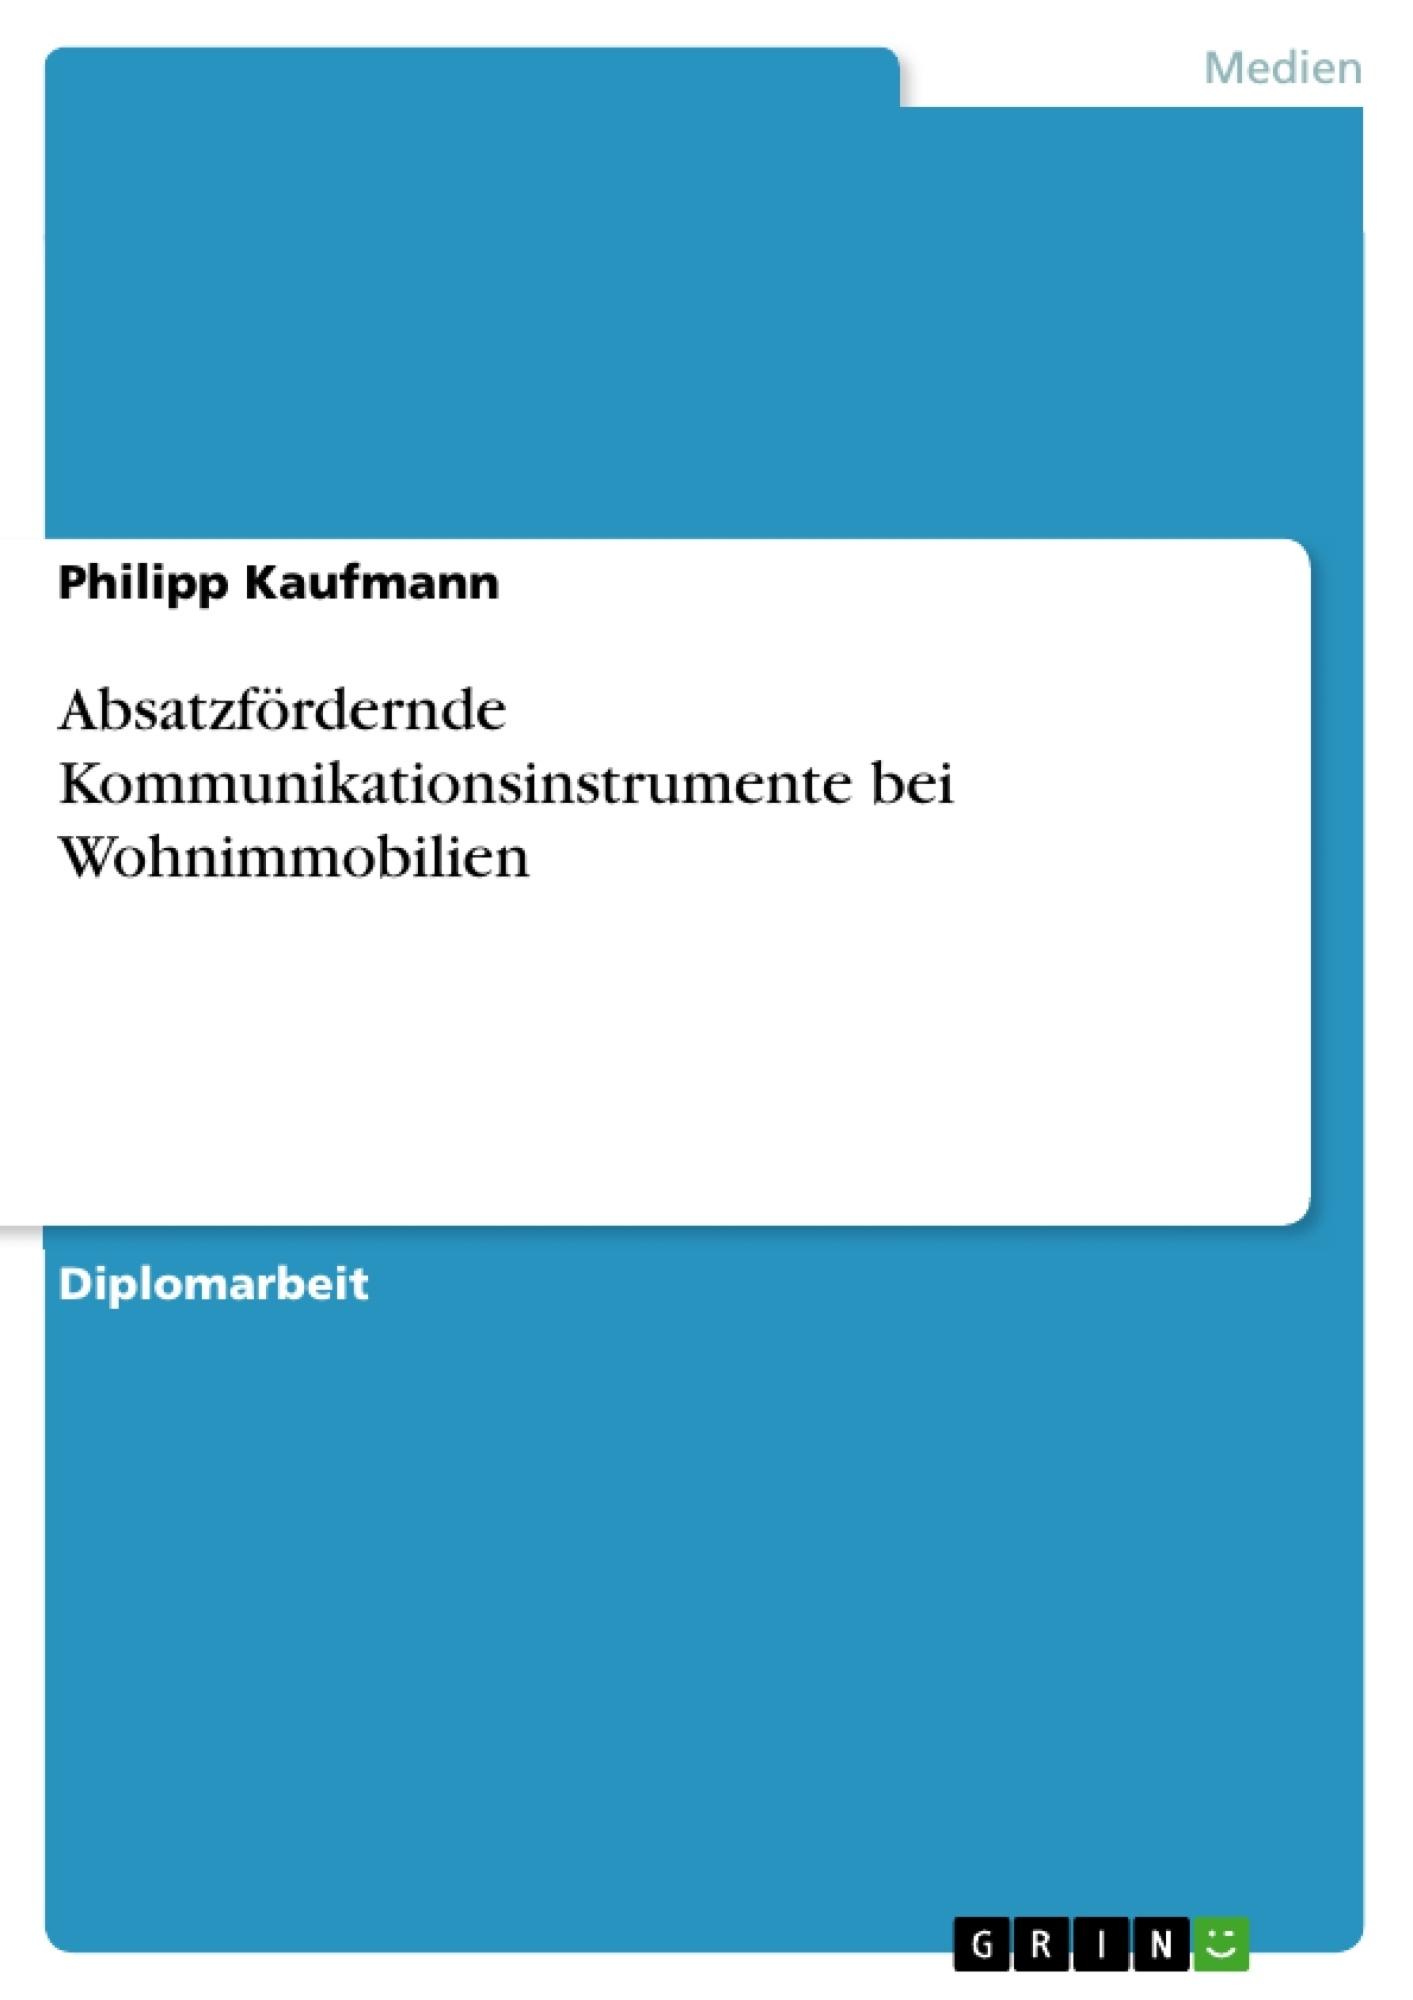 Titel: Absatzfördernde Kommunikationsinstrumente bei Wohnimmobilien